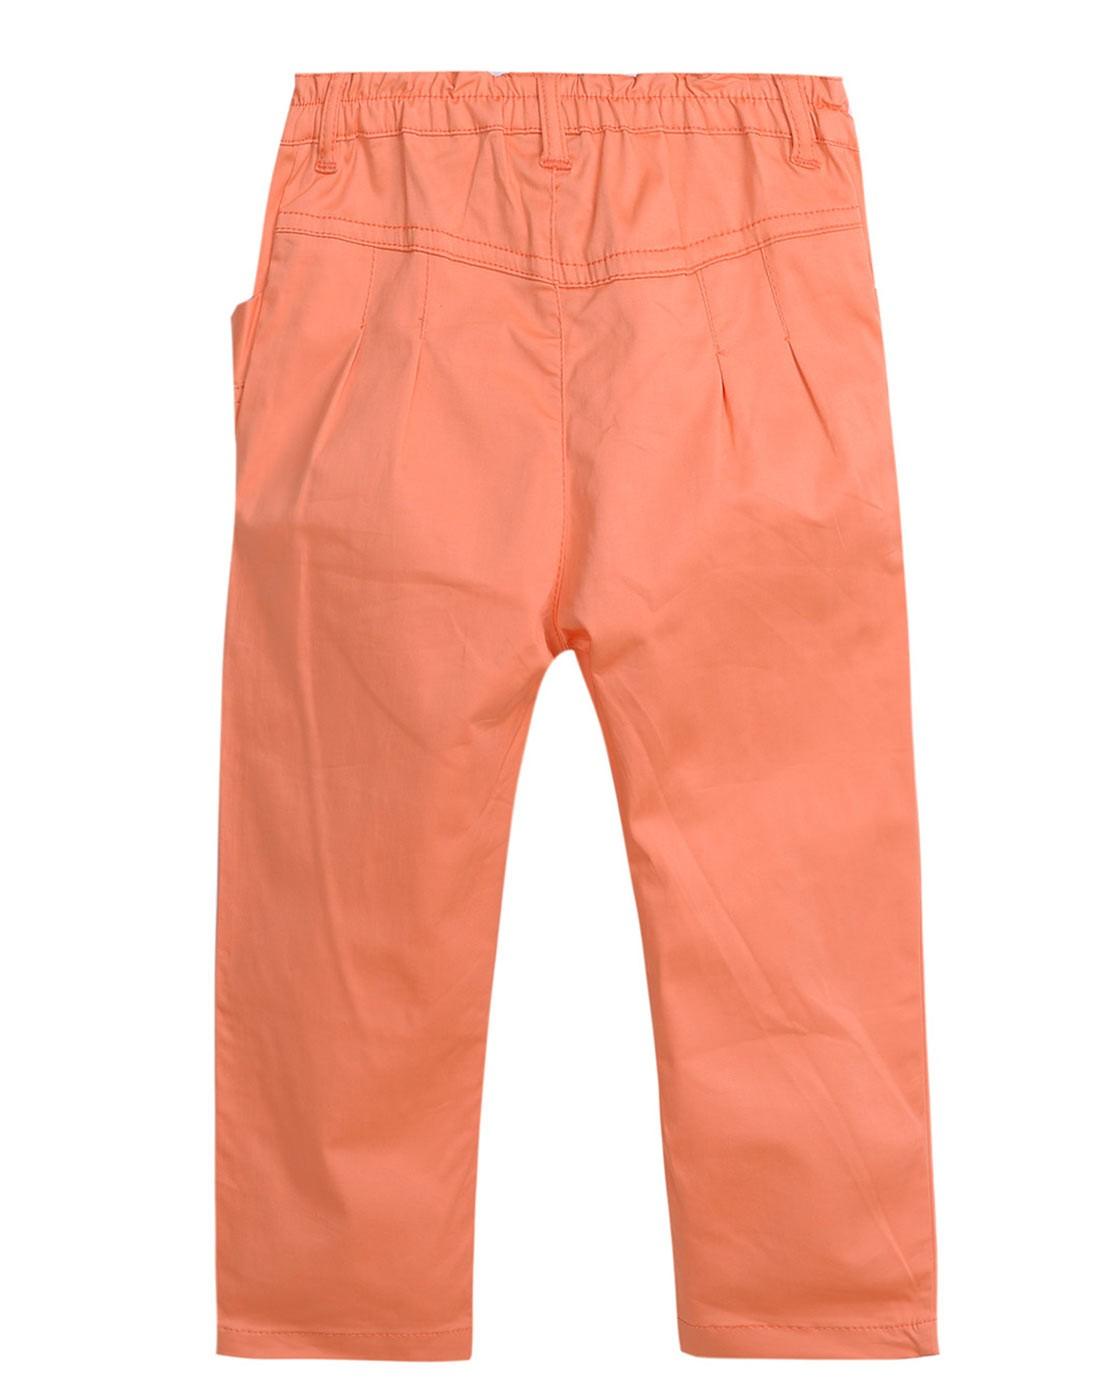 avril男女童女童橙色裤子3343911204